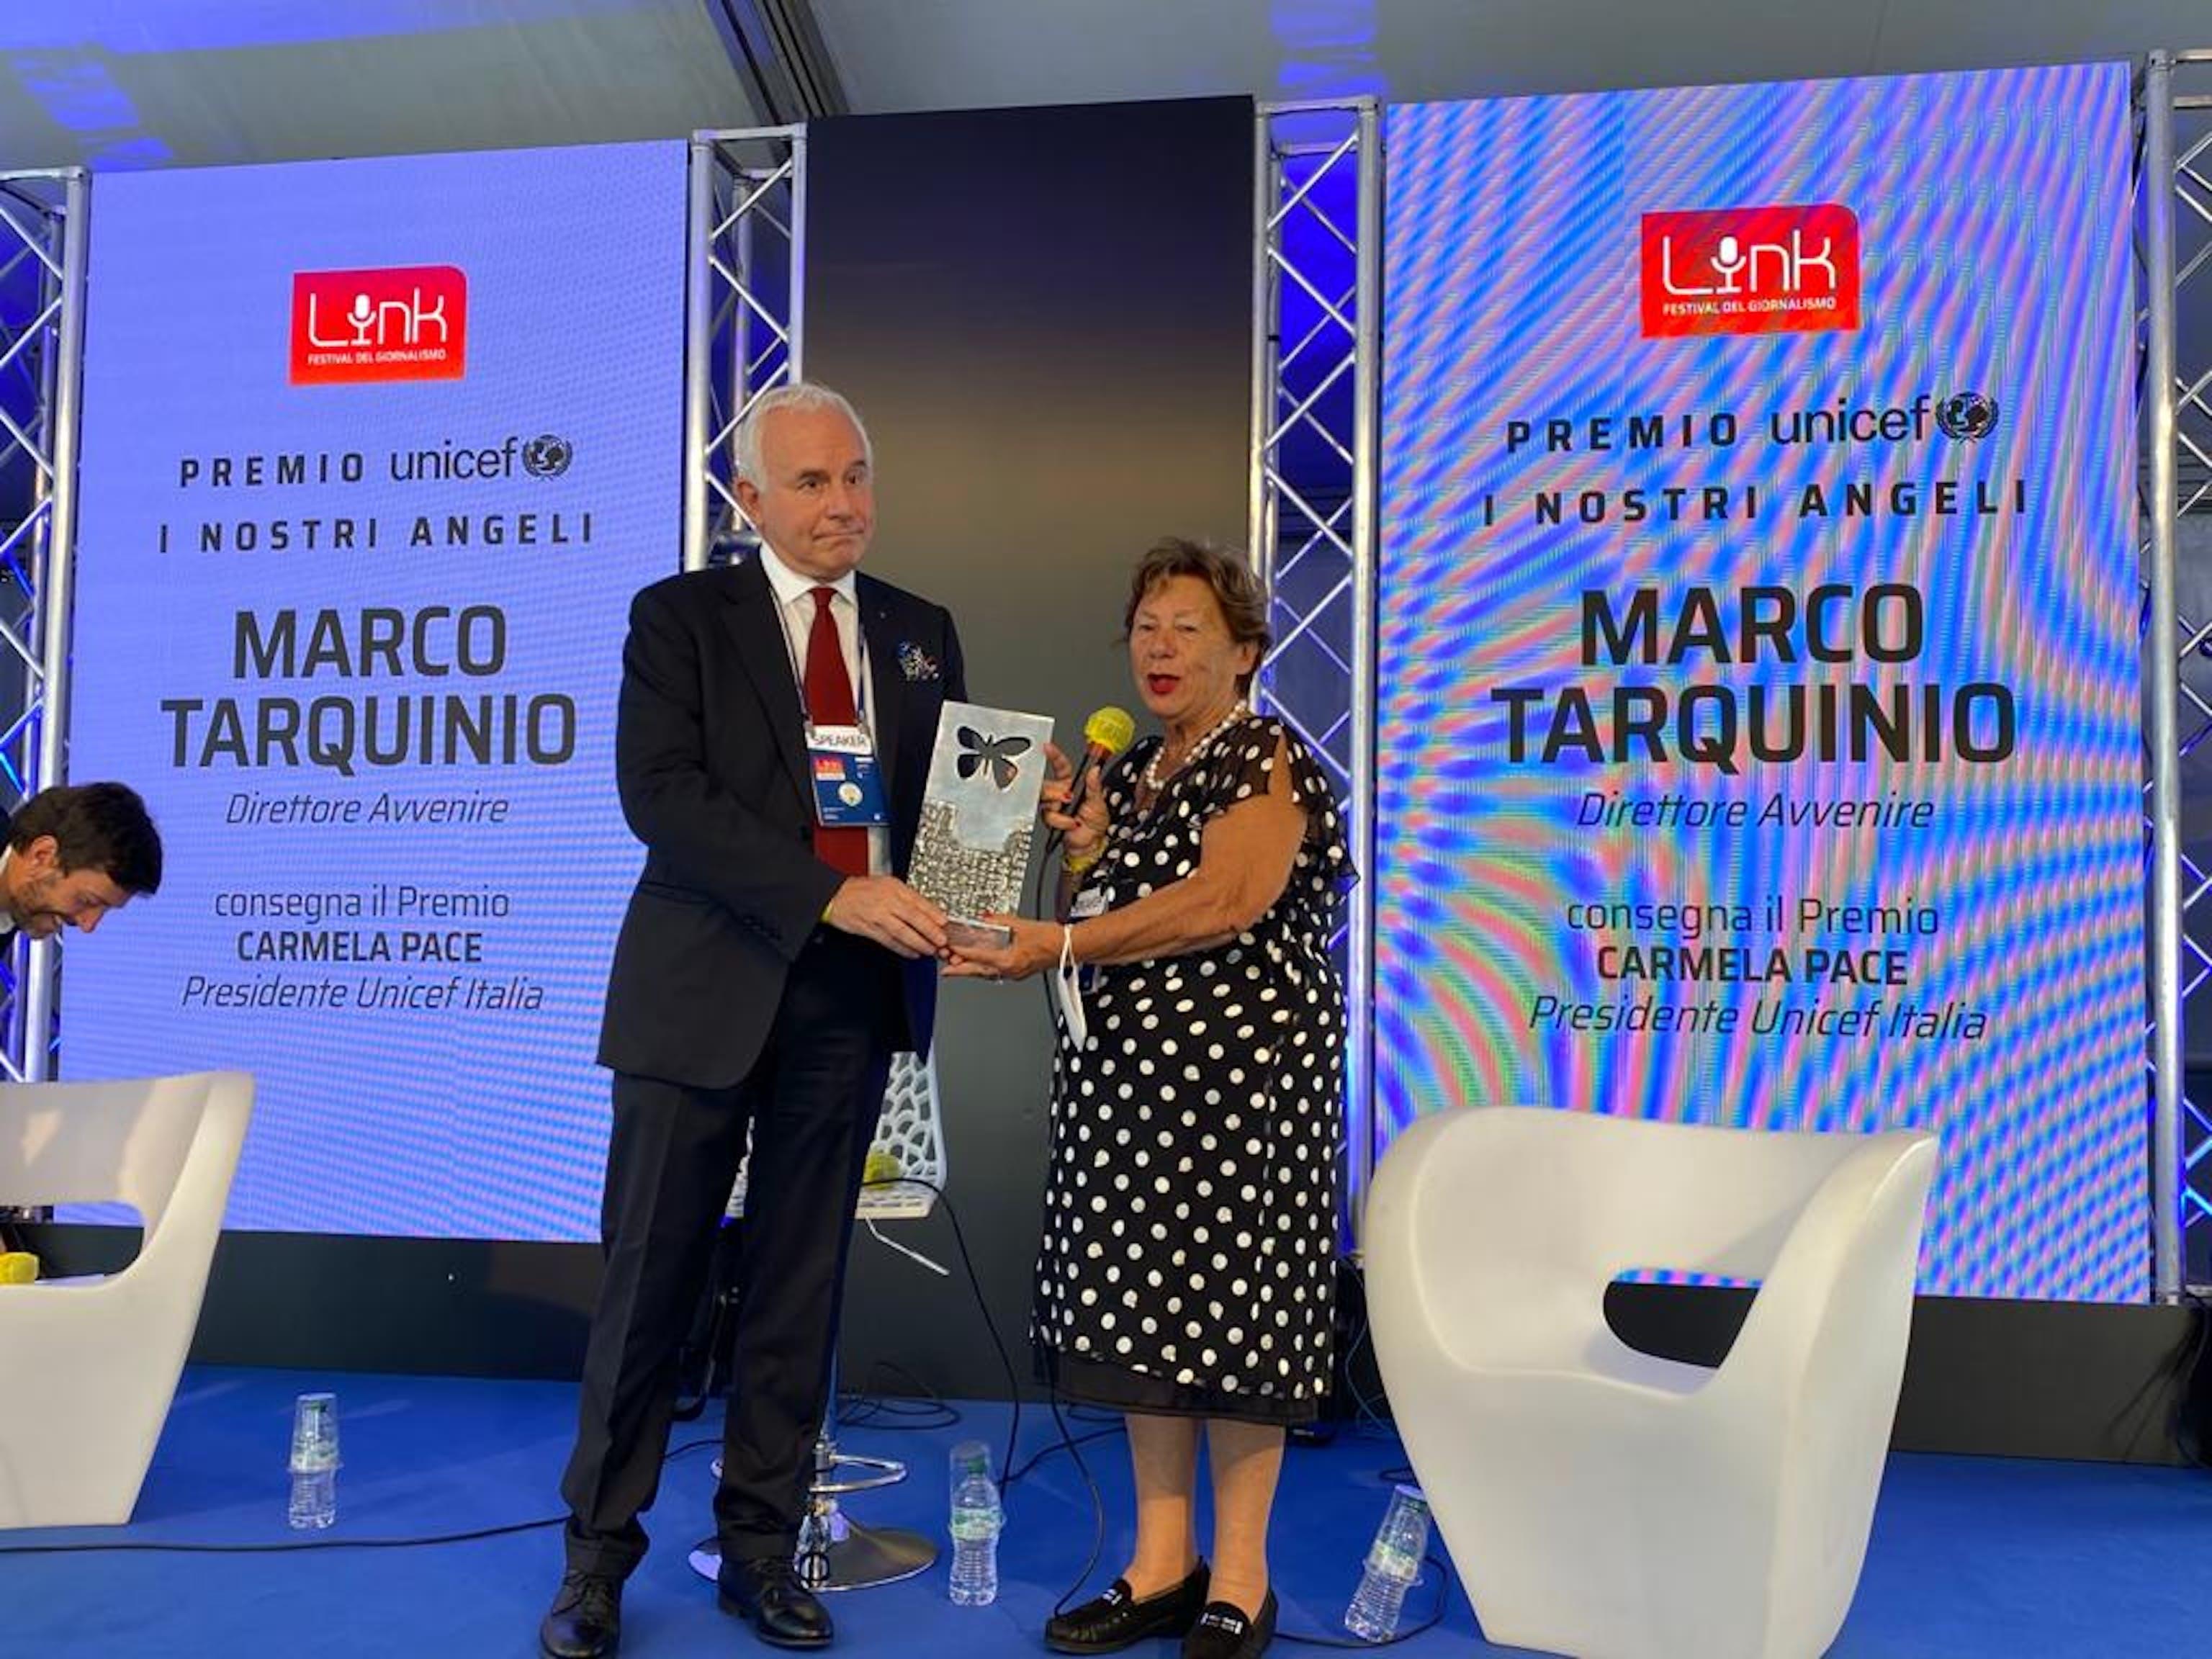 La Presidente dell'UNICEF Italia, Carmela Pace, consegna al direttore di Avvenire, Marco Tarquinio, il premio UNICEF